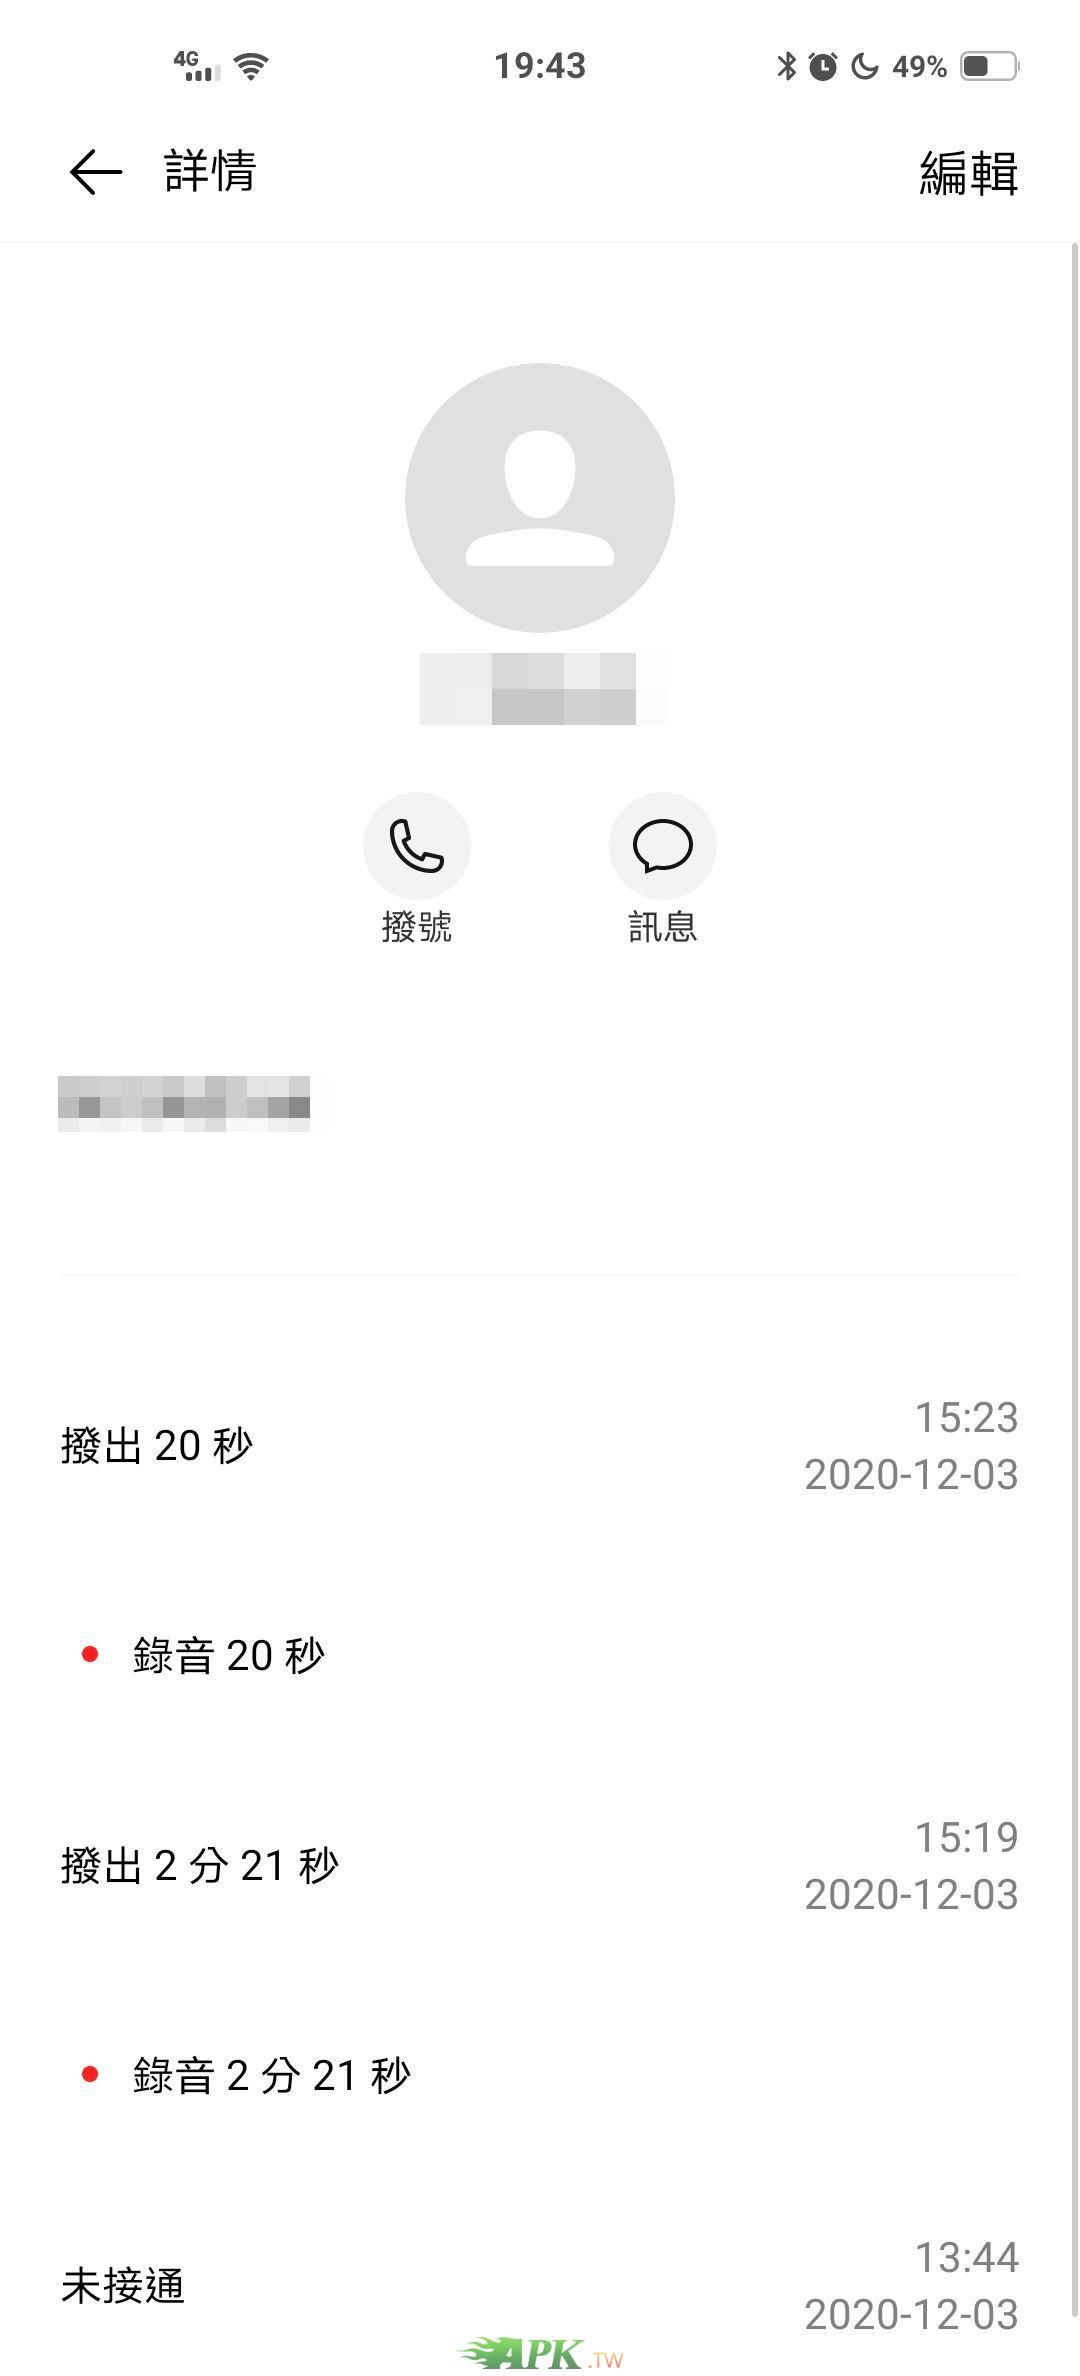 Screenshot_20201203_194322.jpg